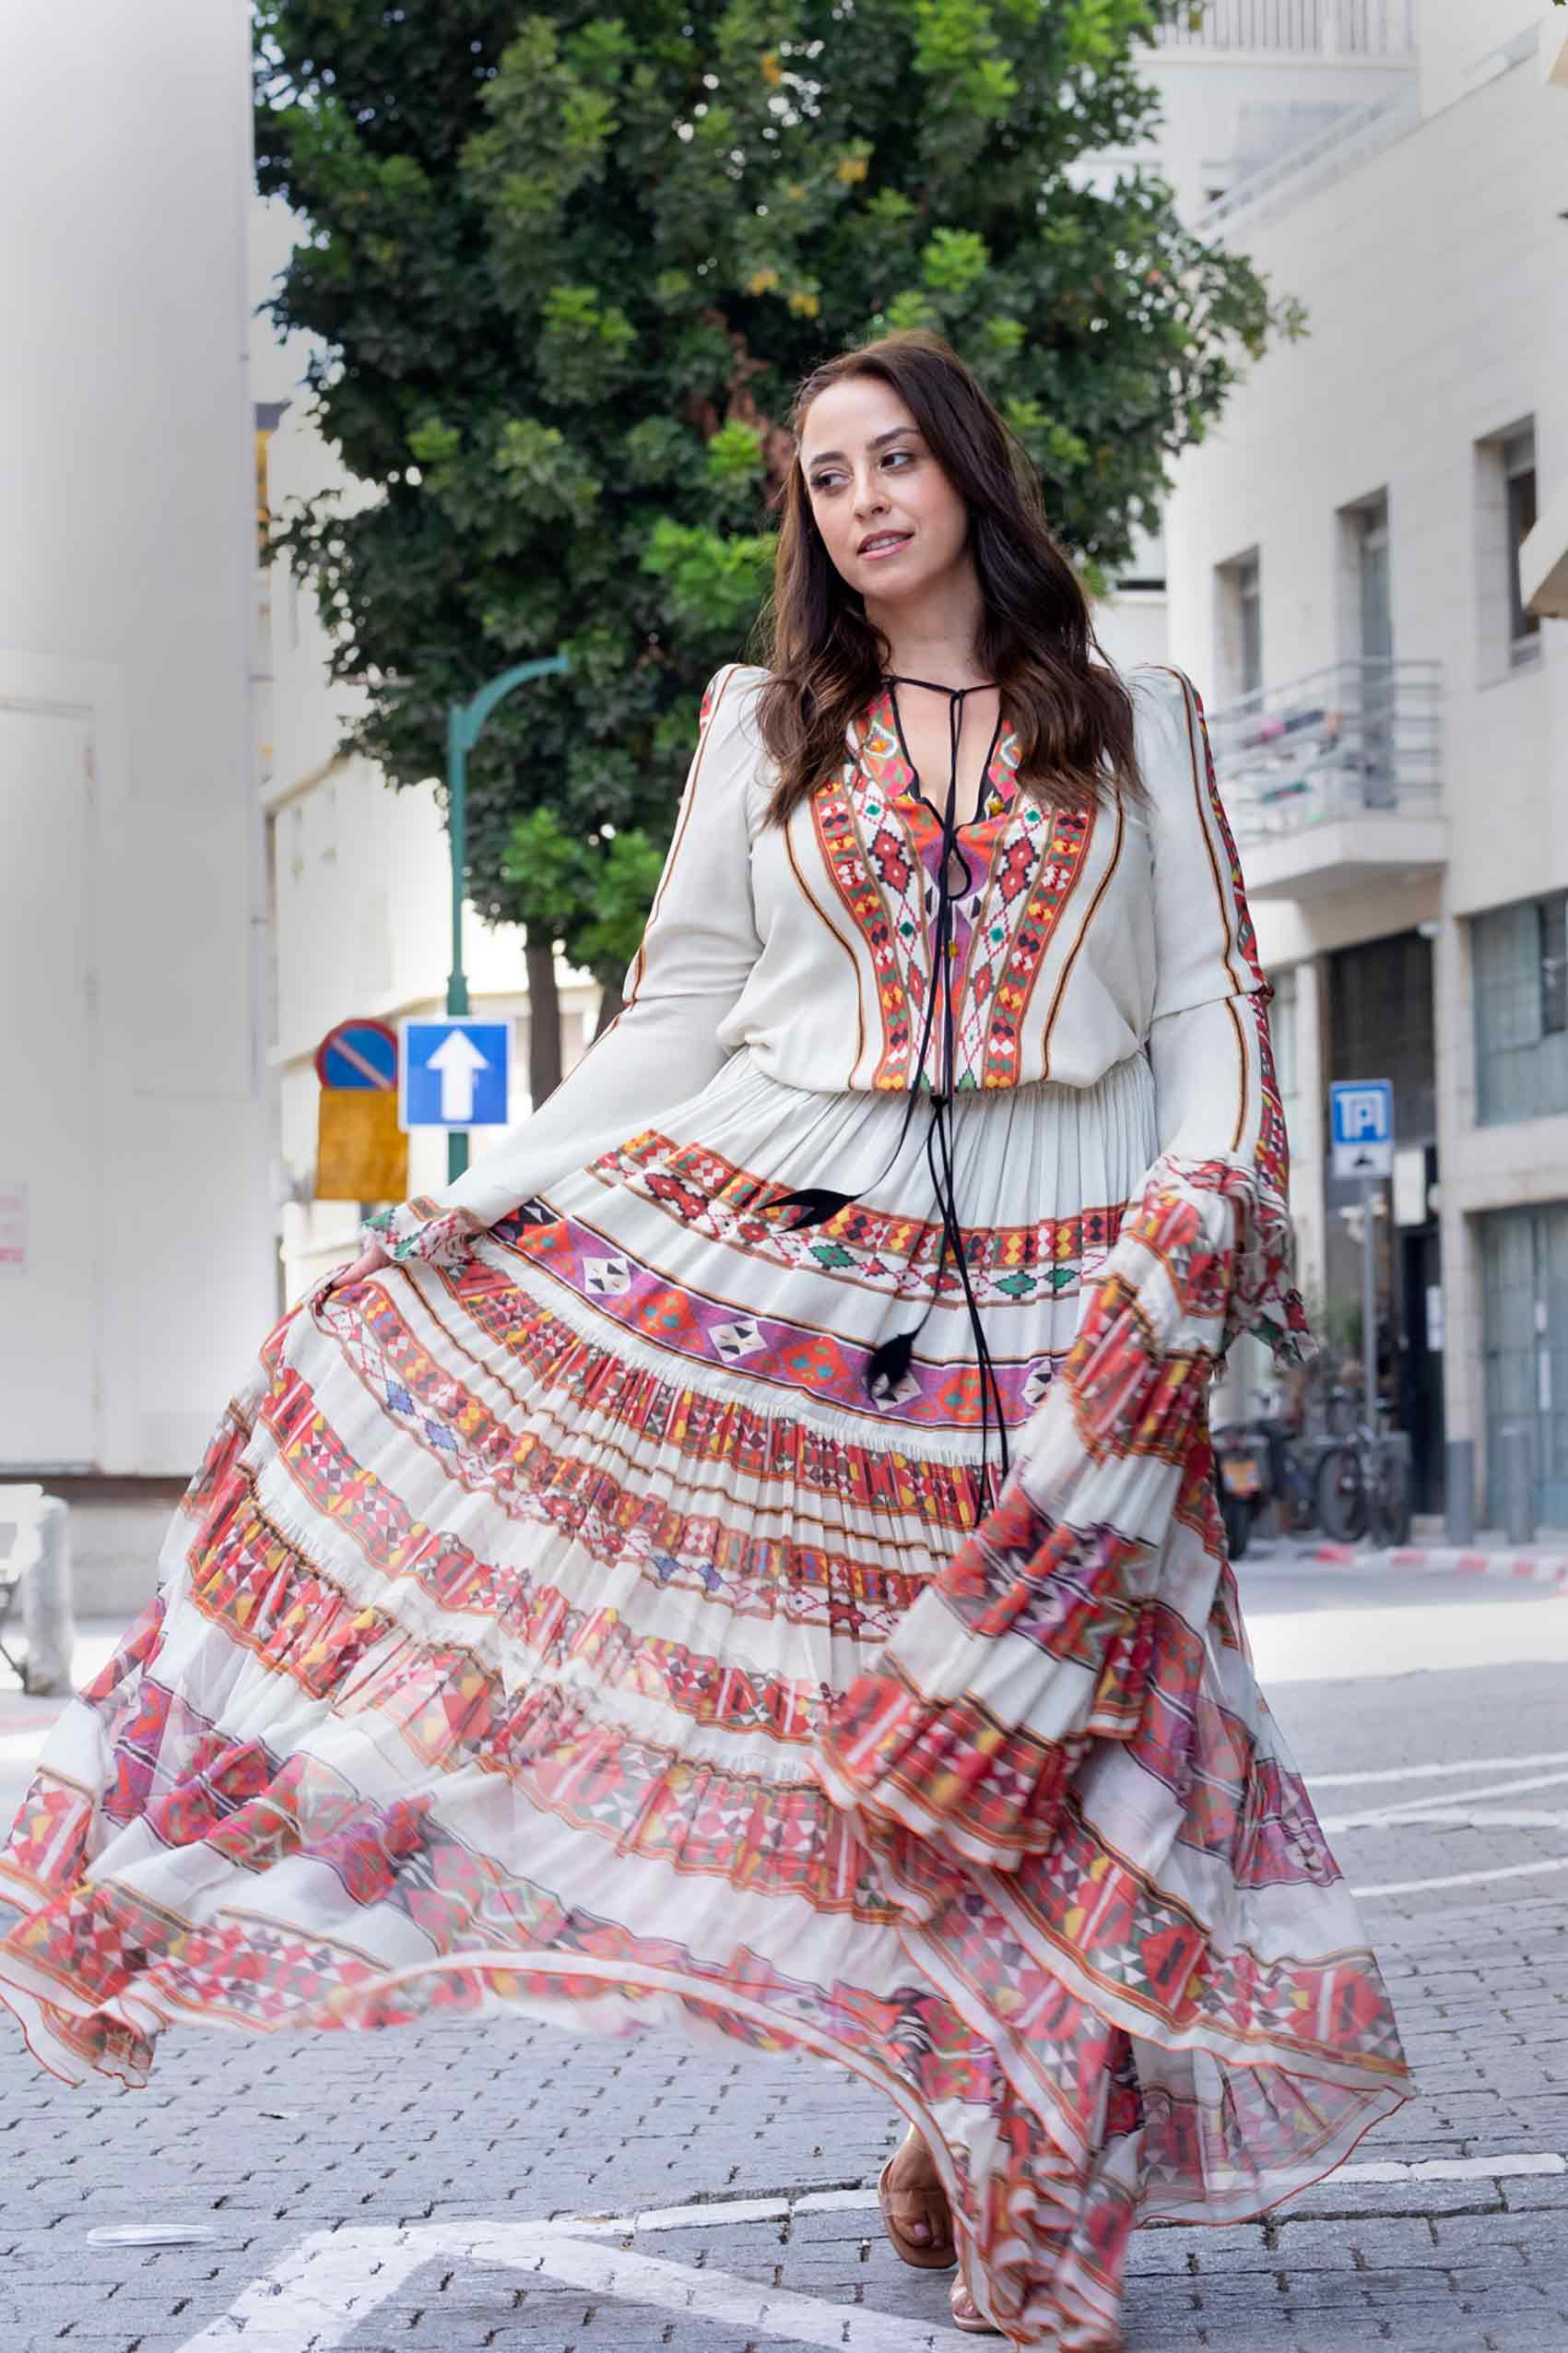 כתבות-אופנה-טלי ארבל לובשת ויוי בלאיש, צילום: שלי פדן-לורבר